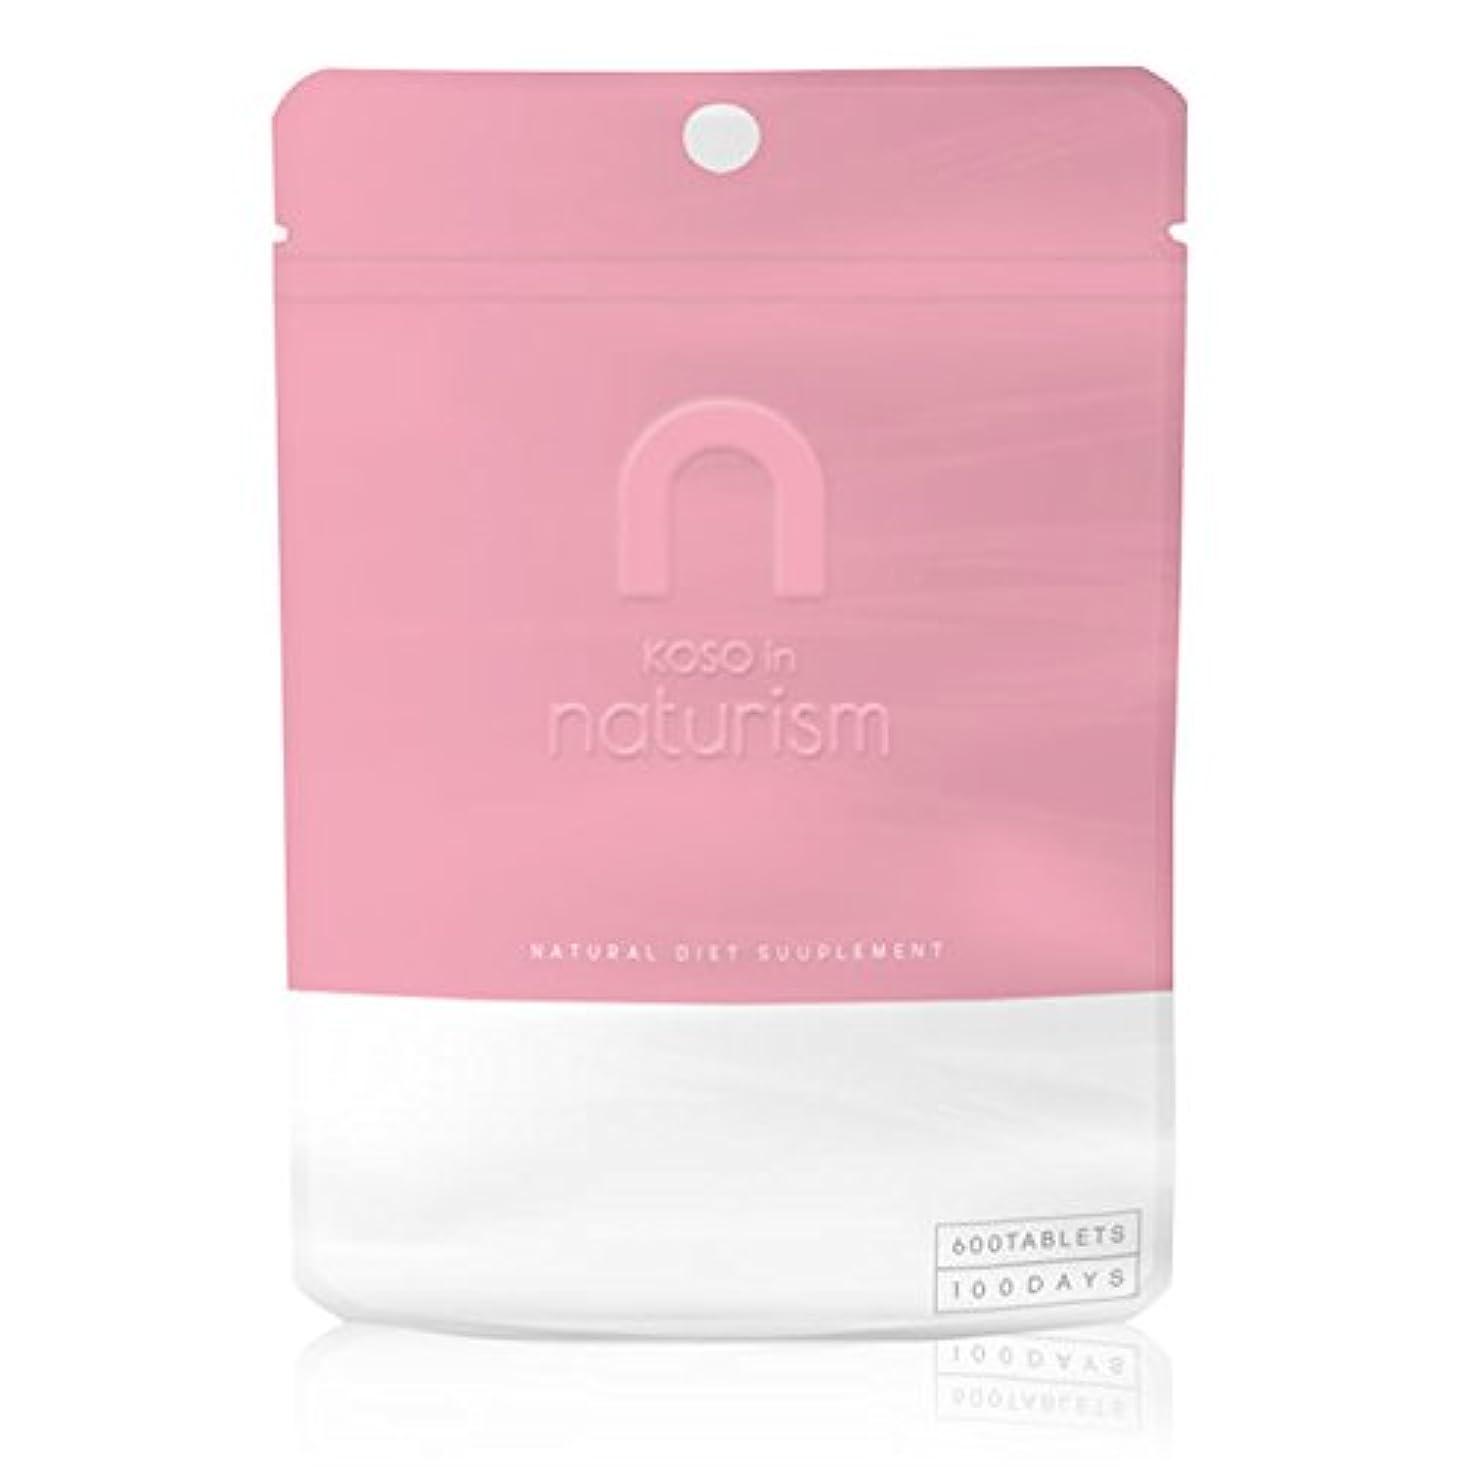 眠りクスクスハードウェア酵素 in ナチュリズム ピンク naturism pink 600粒入 約100日分 [健康補助食品]koso in